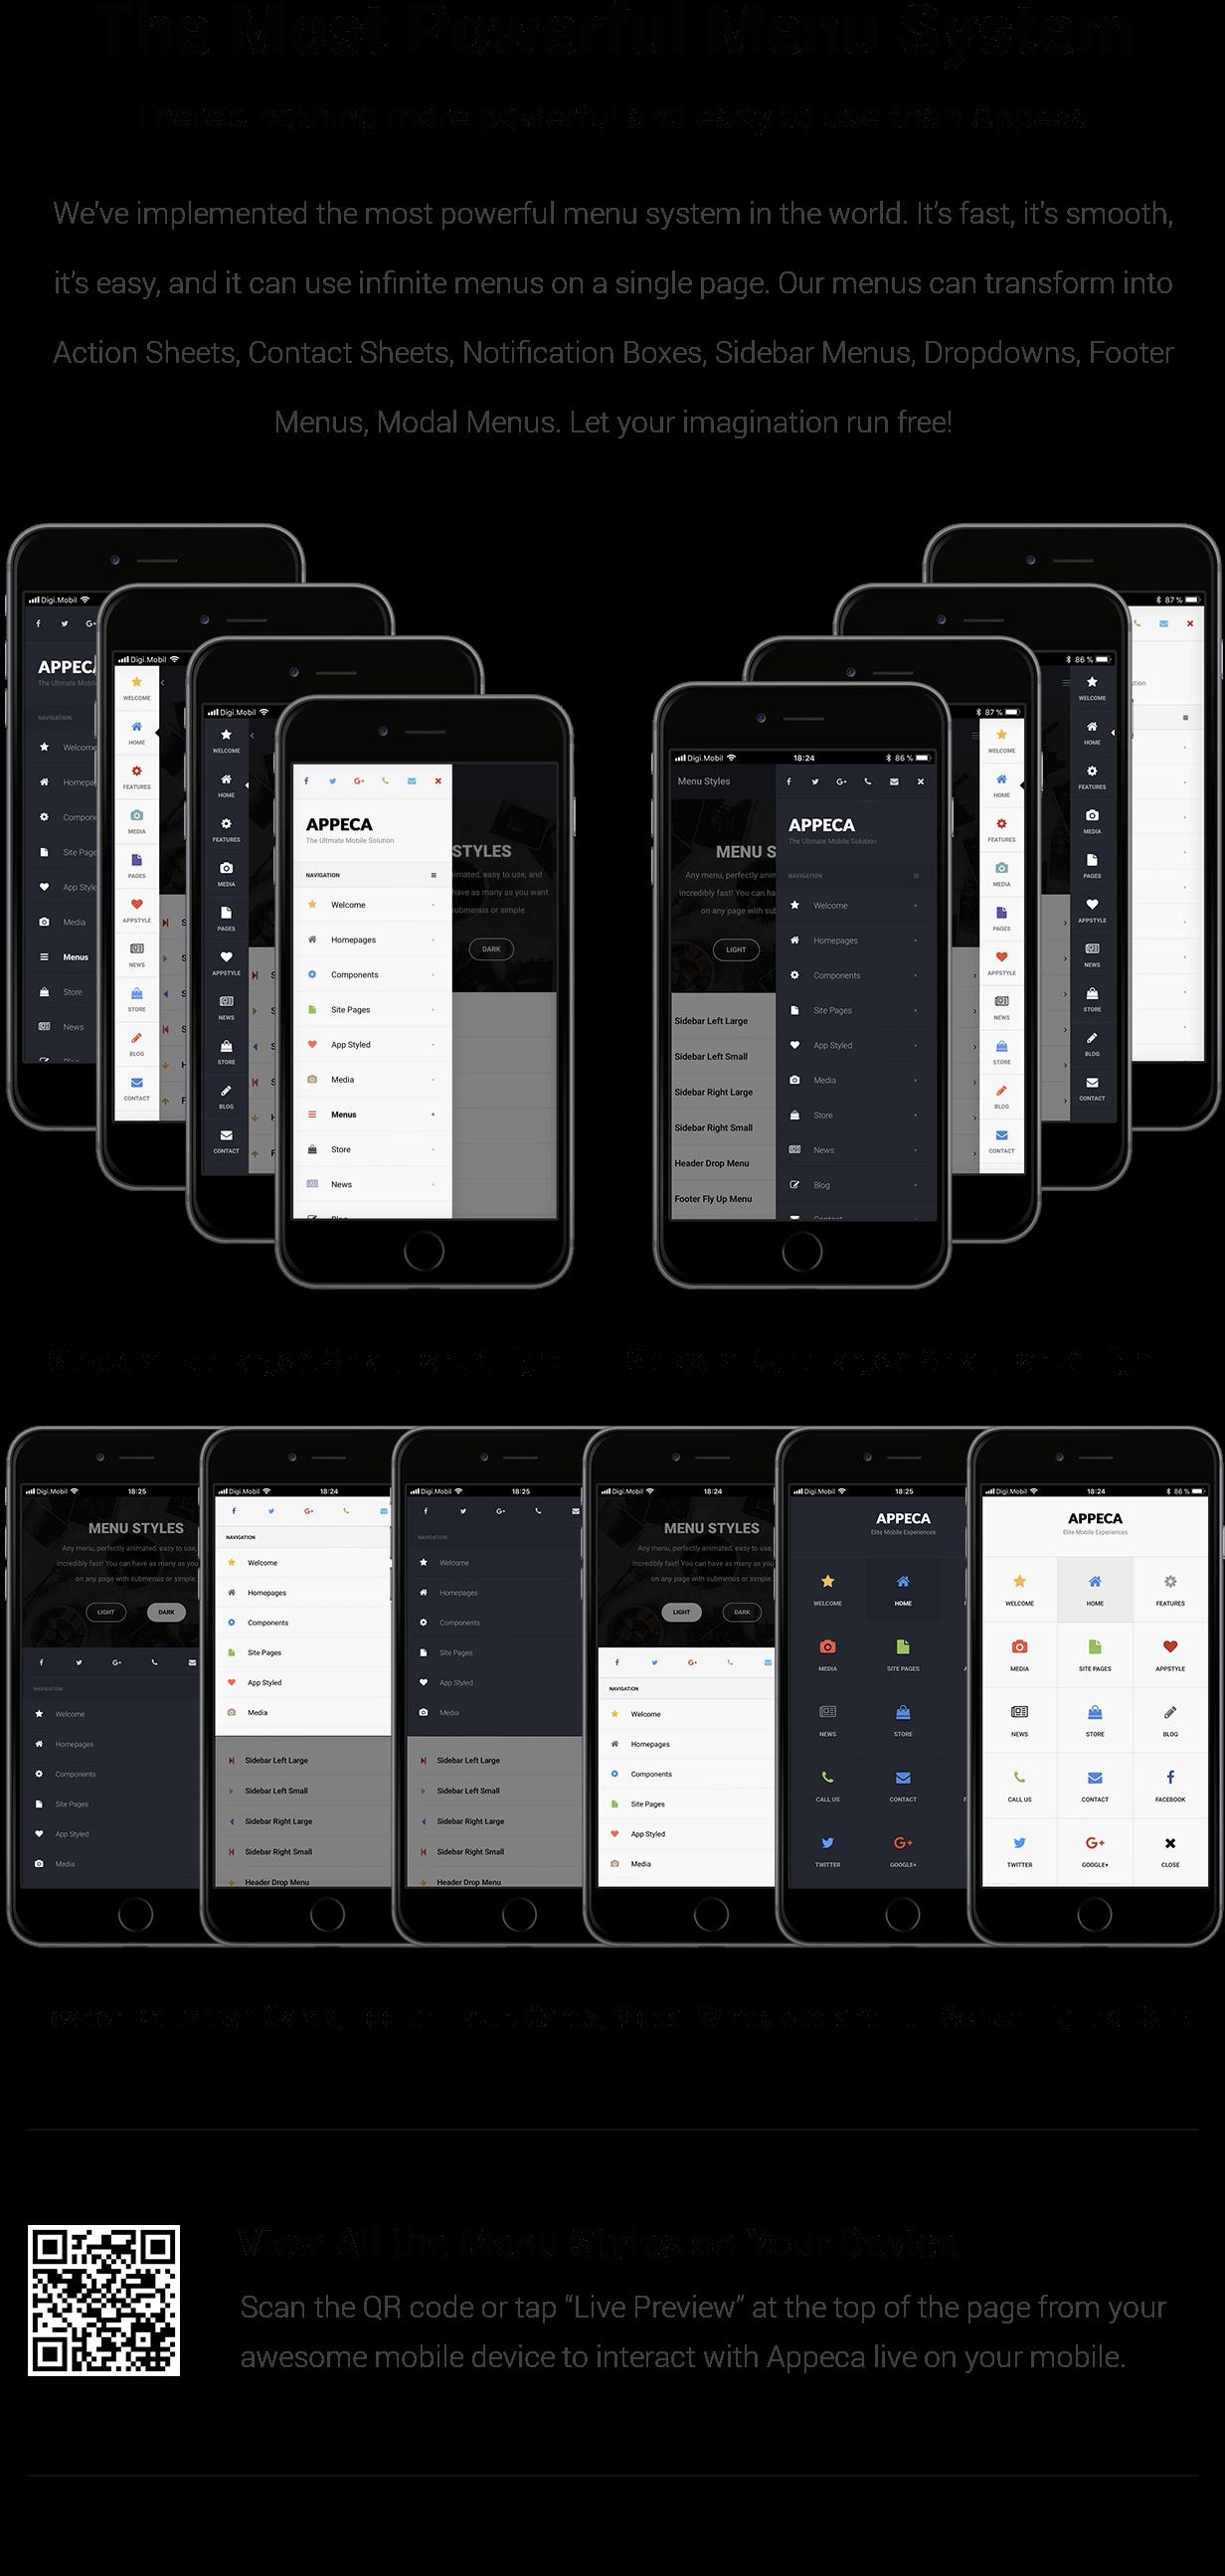 Appeca Ultimate Mobile Template - 13